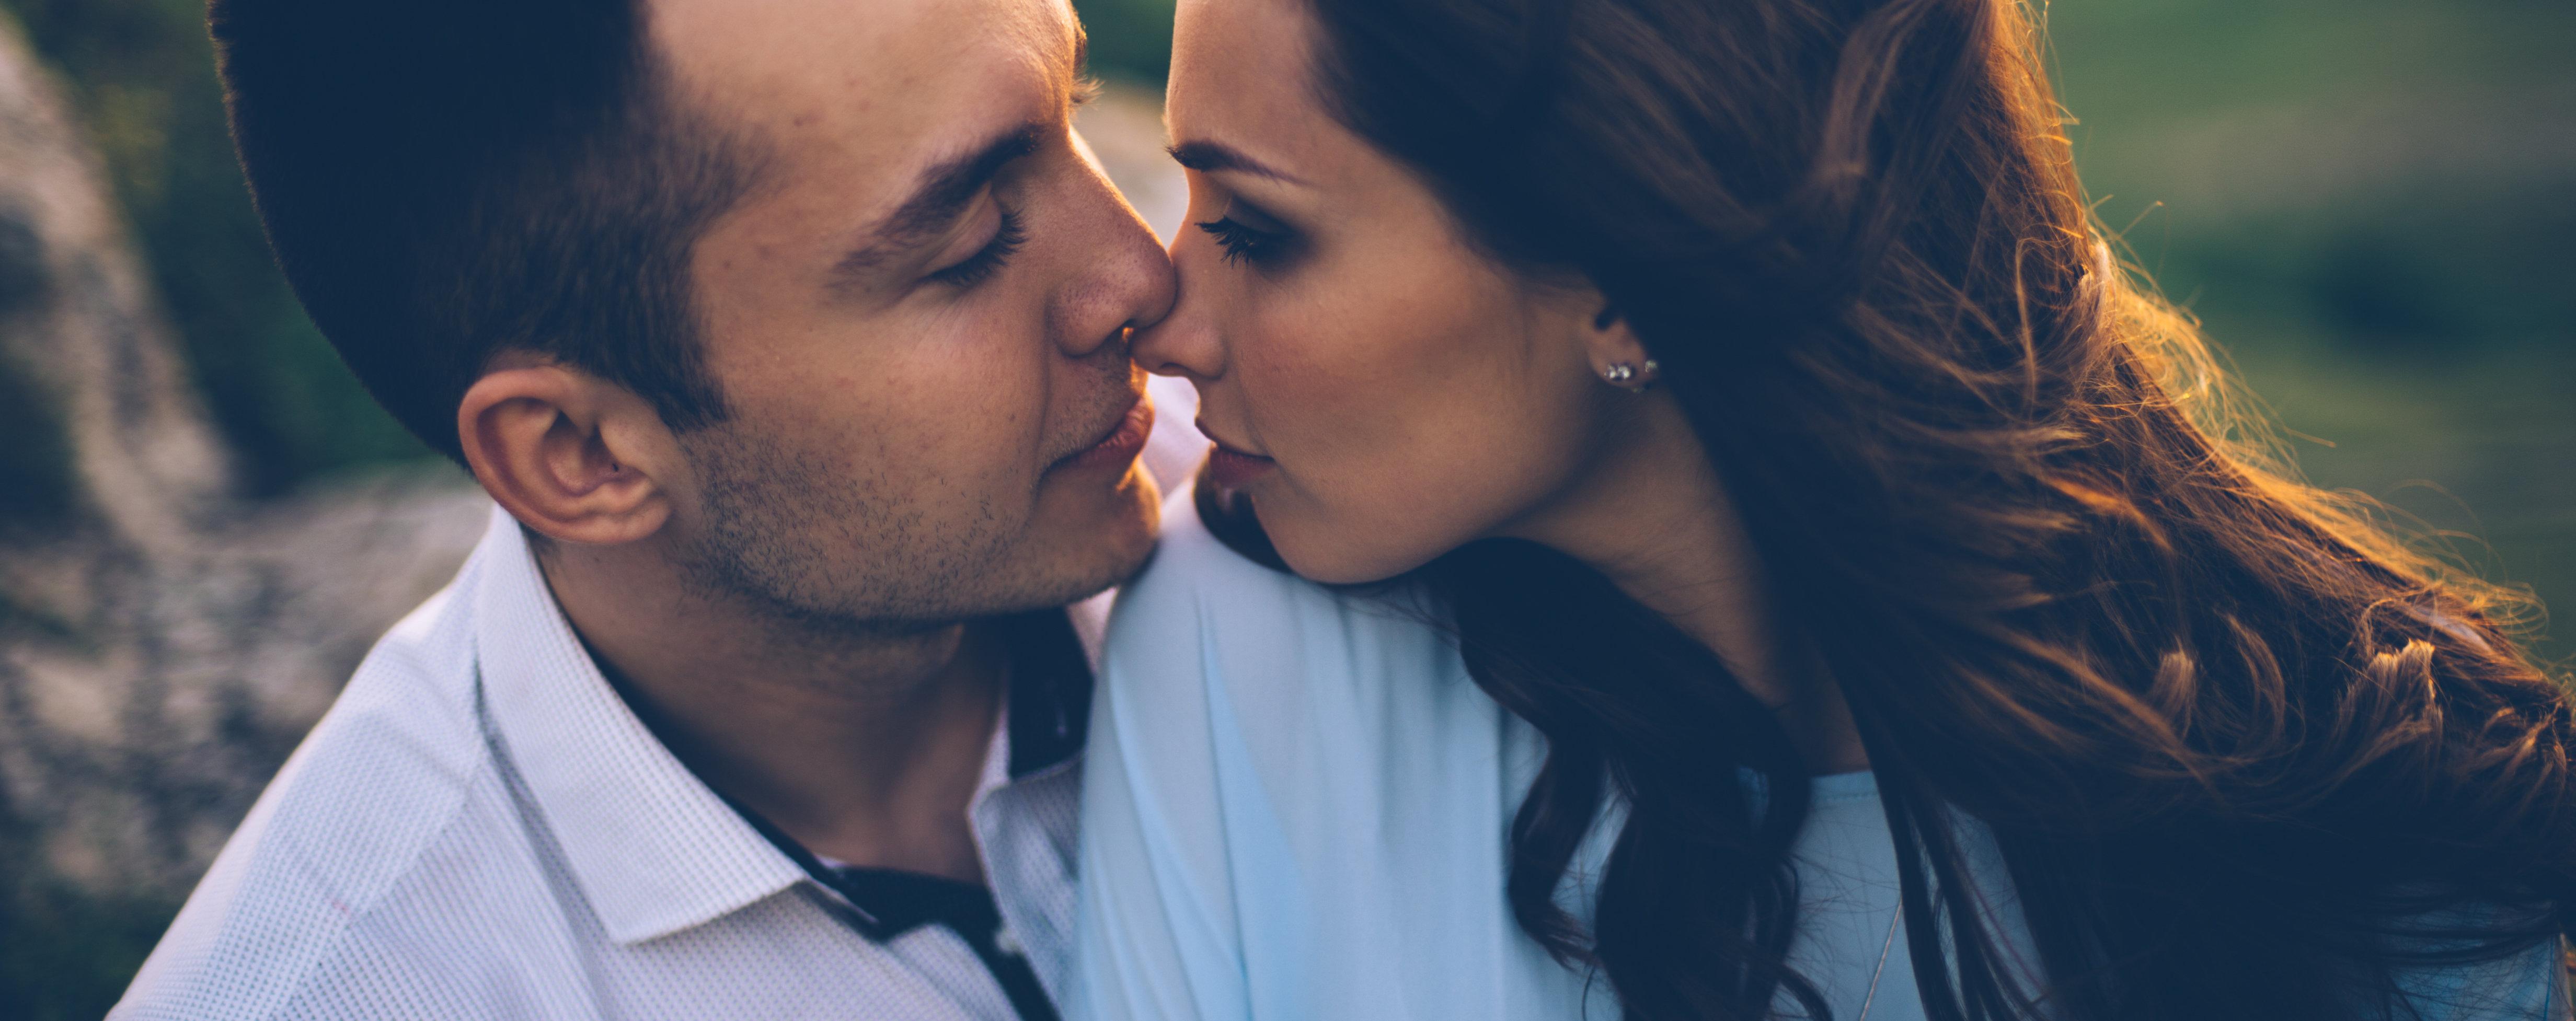 14 признаков, как узнать, что девушка тебя любит - фото 4